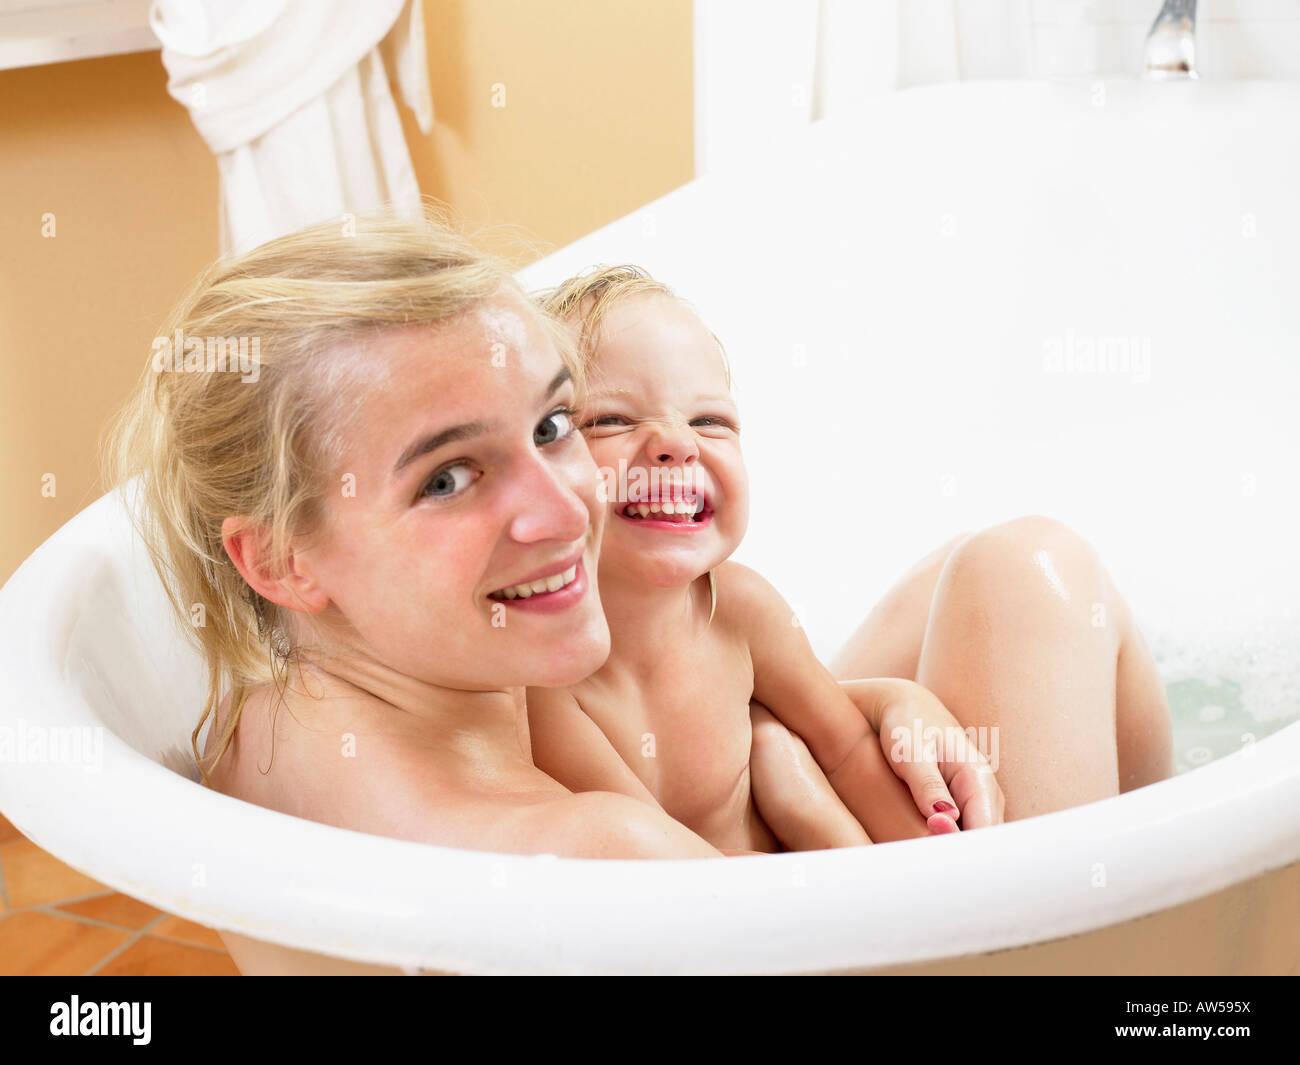 Mom taking bath